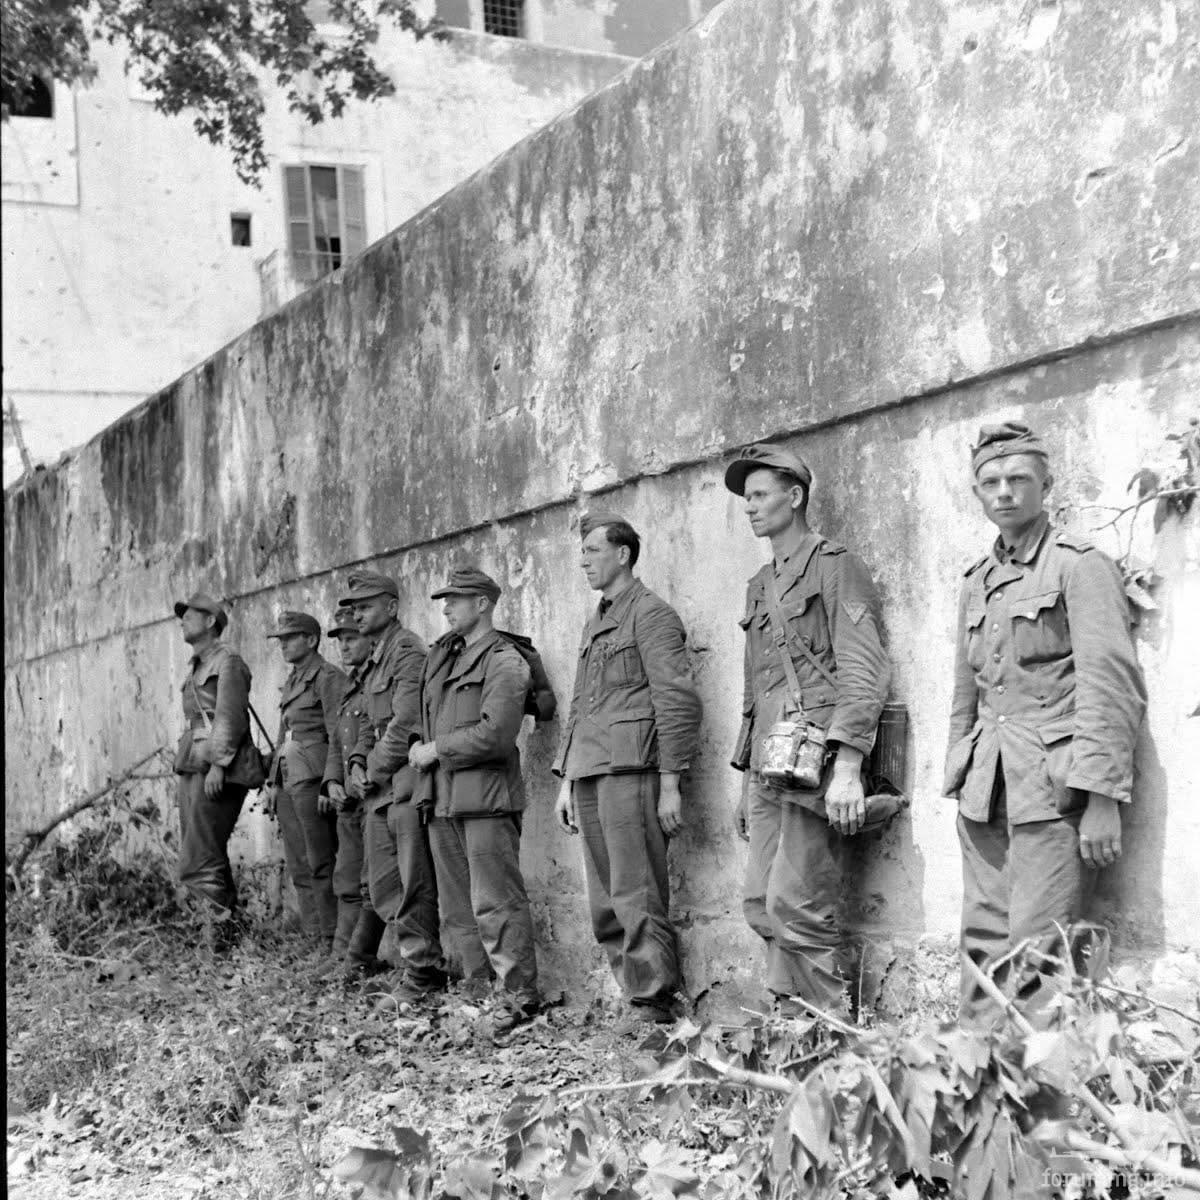 127541 - Военное фото 1939-1945 г.г. Западный фронт и Африка.